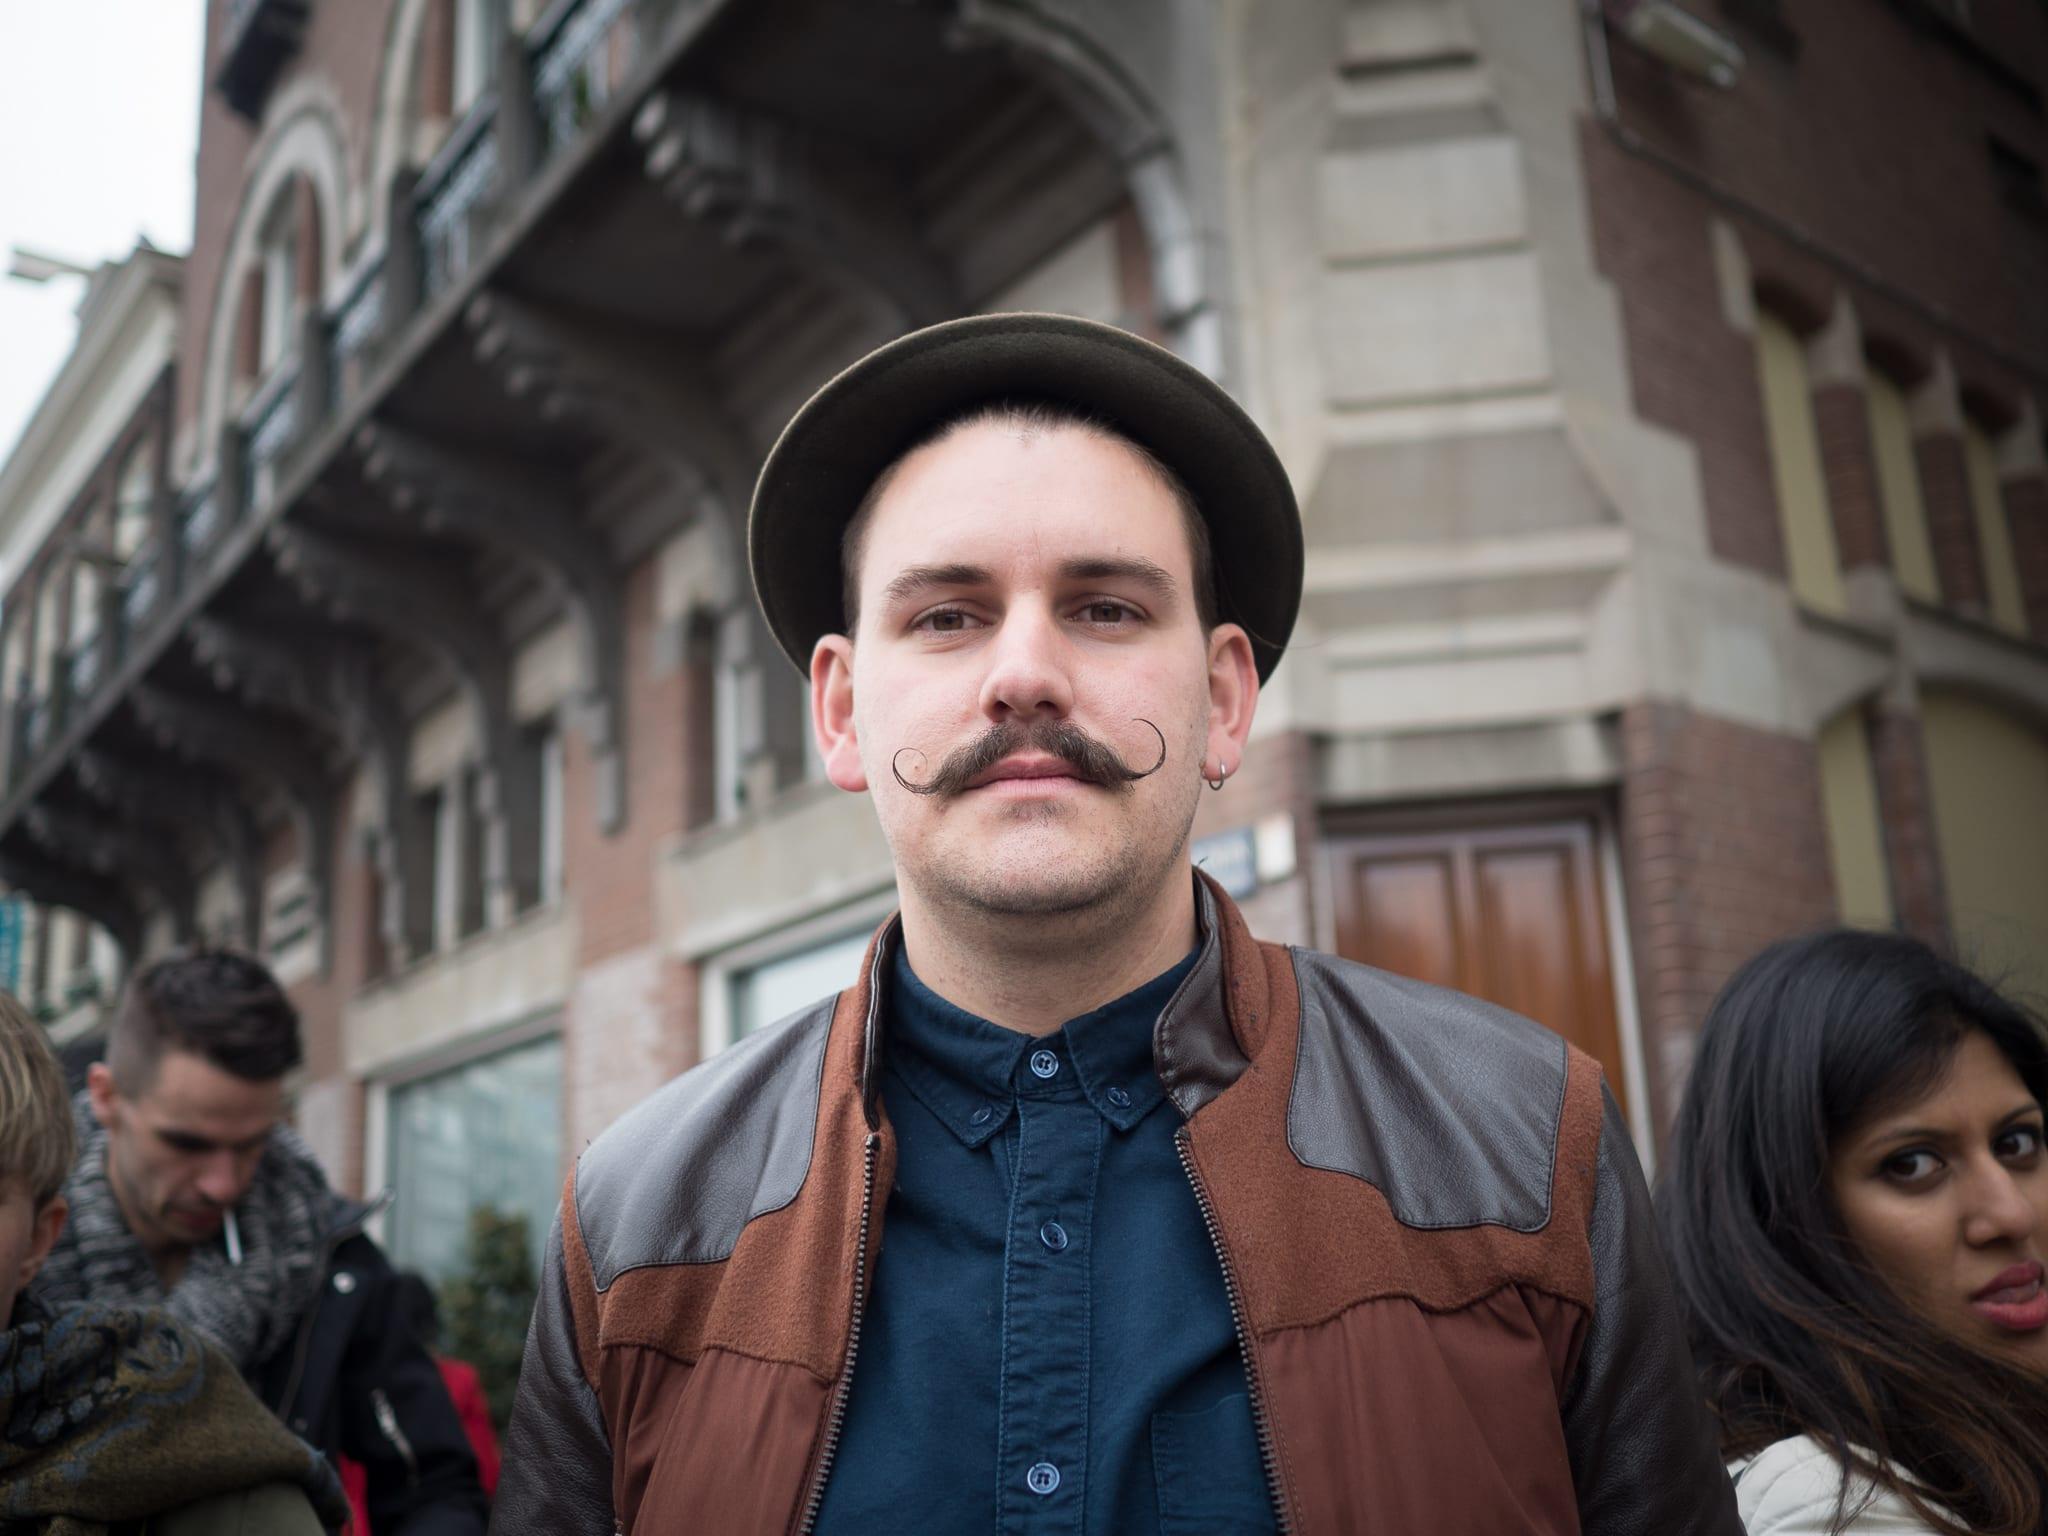 el bandito elbandito moustache men